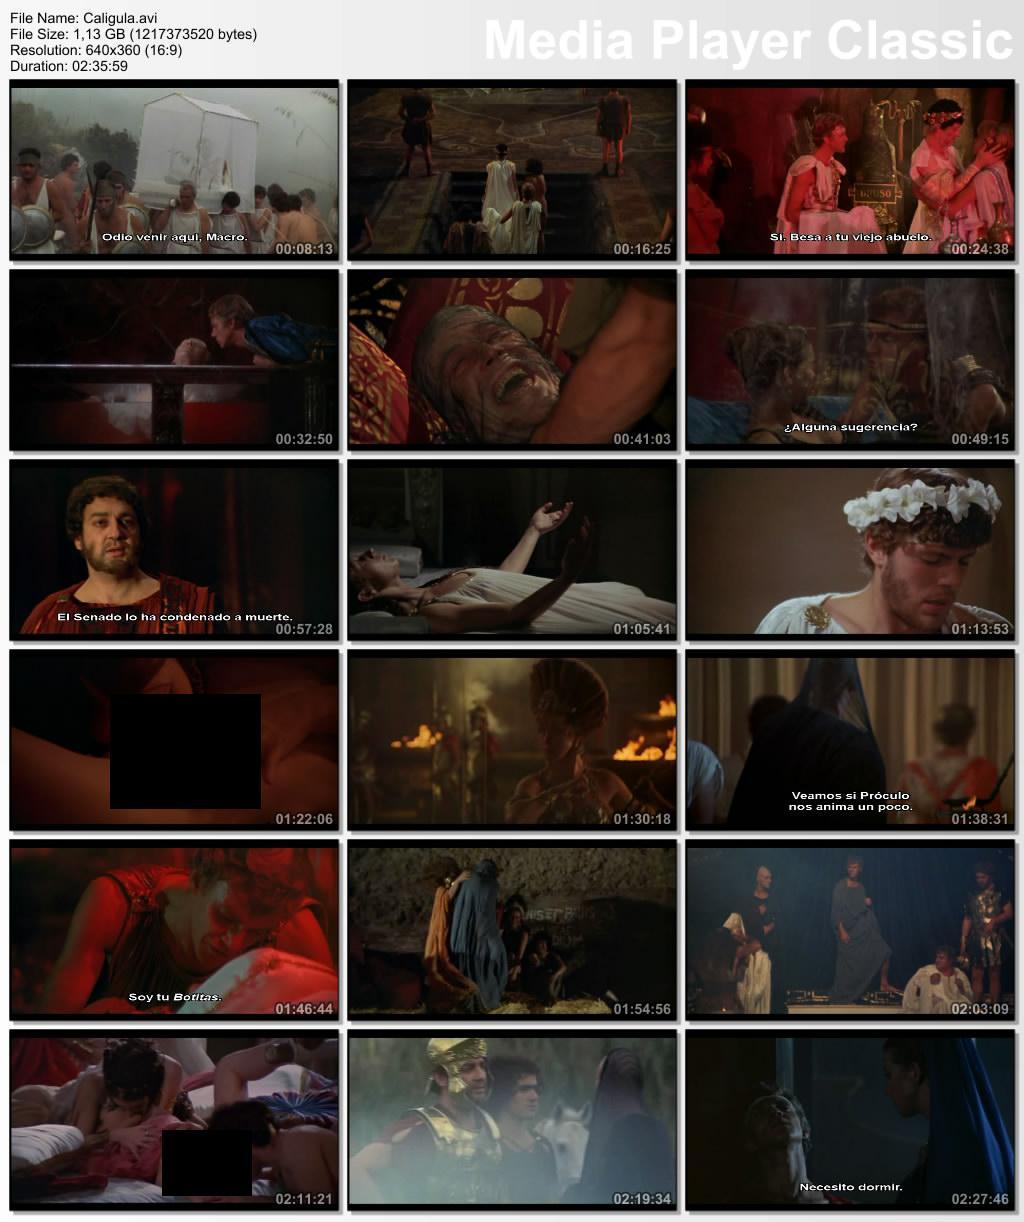 http://3.bp.blogspot.com/-yC8s1N5mOds/T-XhOVmrRGI/AAAAAAAAAPk/ETDnyxCUIvE/s1600/Caligula.jpg